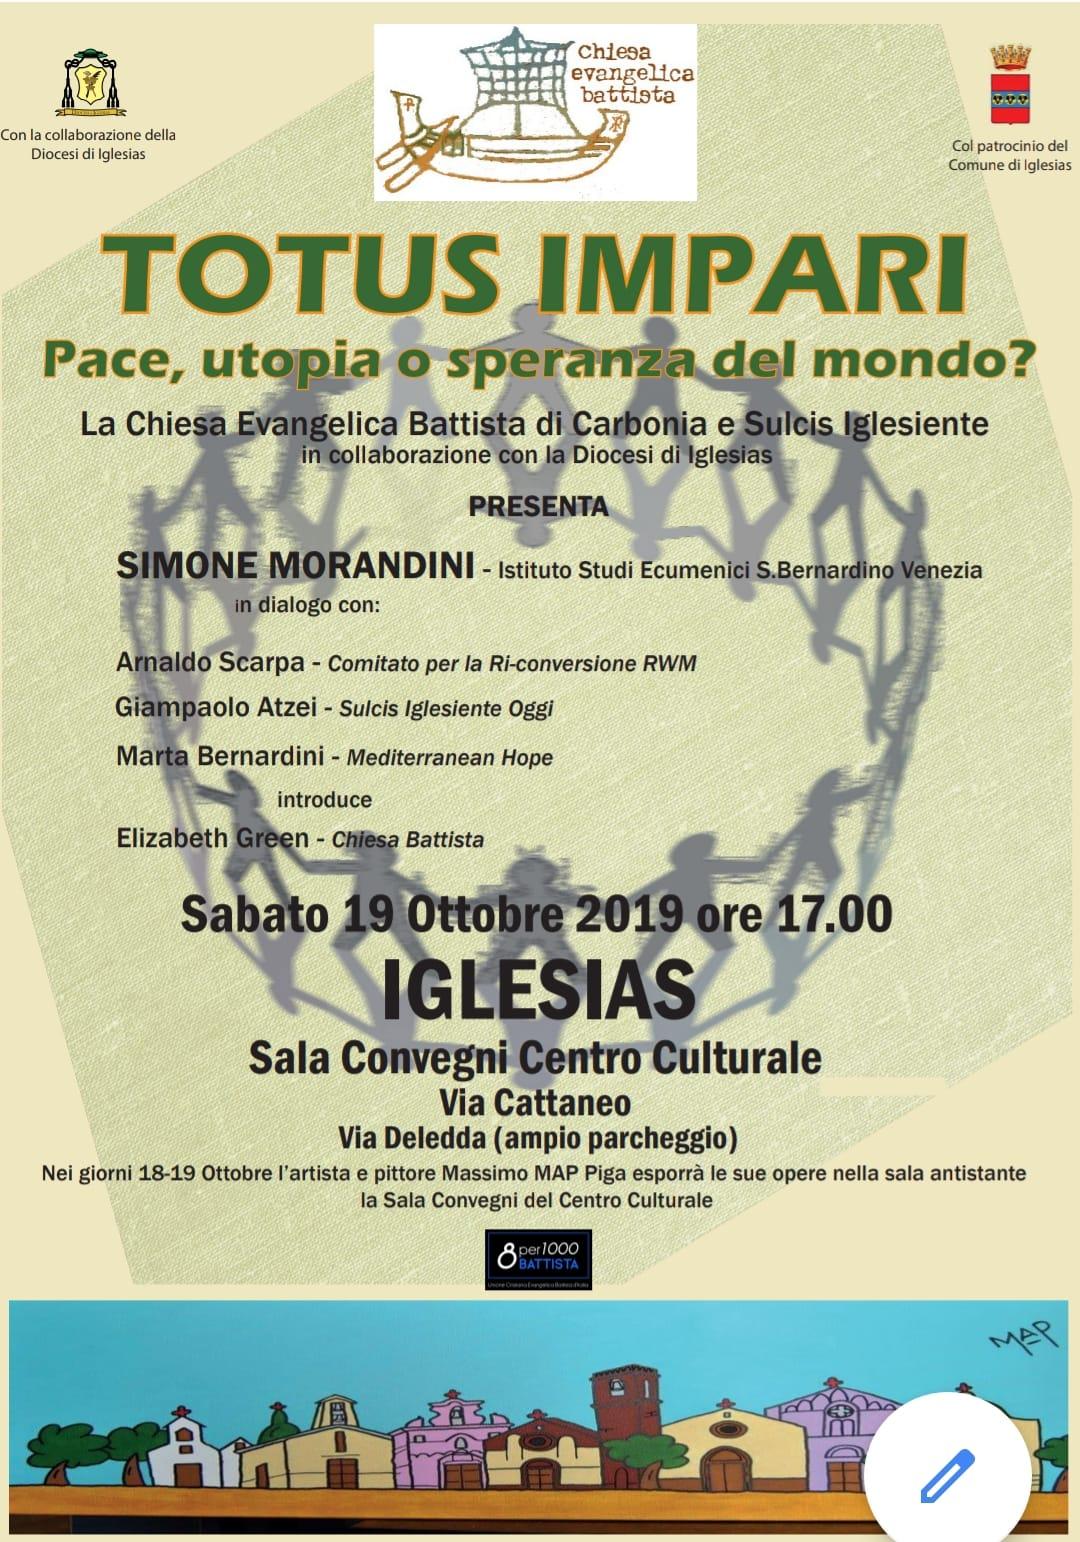 """19.10.2019, IGLESIAS: Incontro """"Totus Impari - Pace, utopia o speranza del mondo?"""" @ Sala Convegni Centro Culturale"""